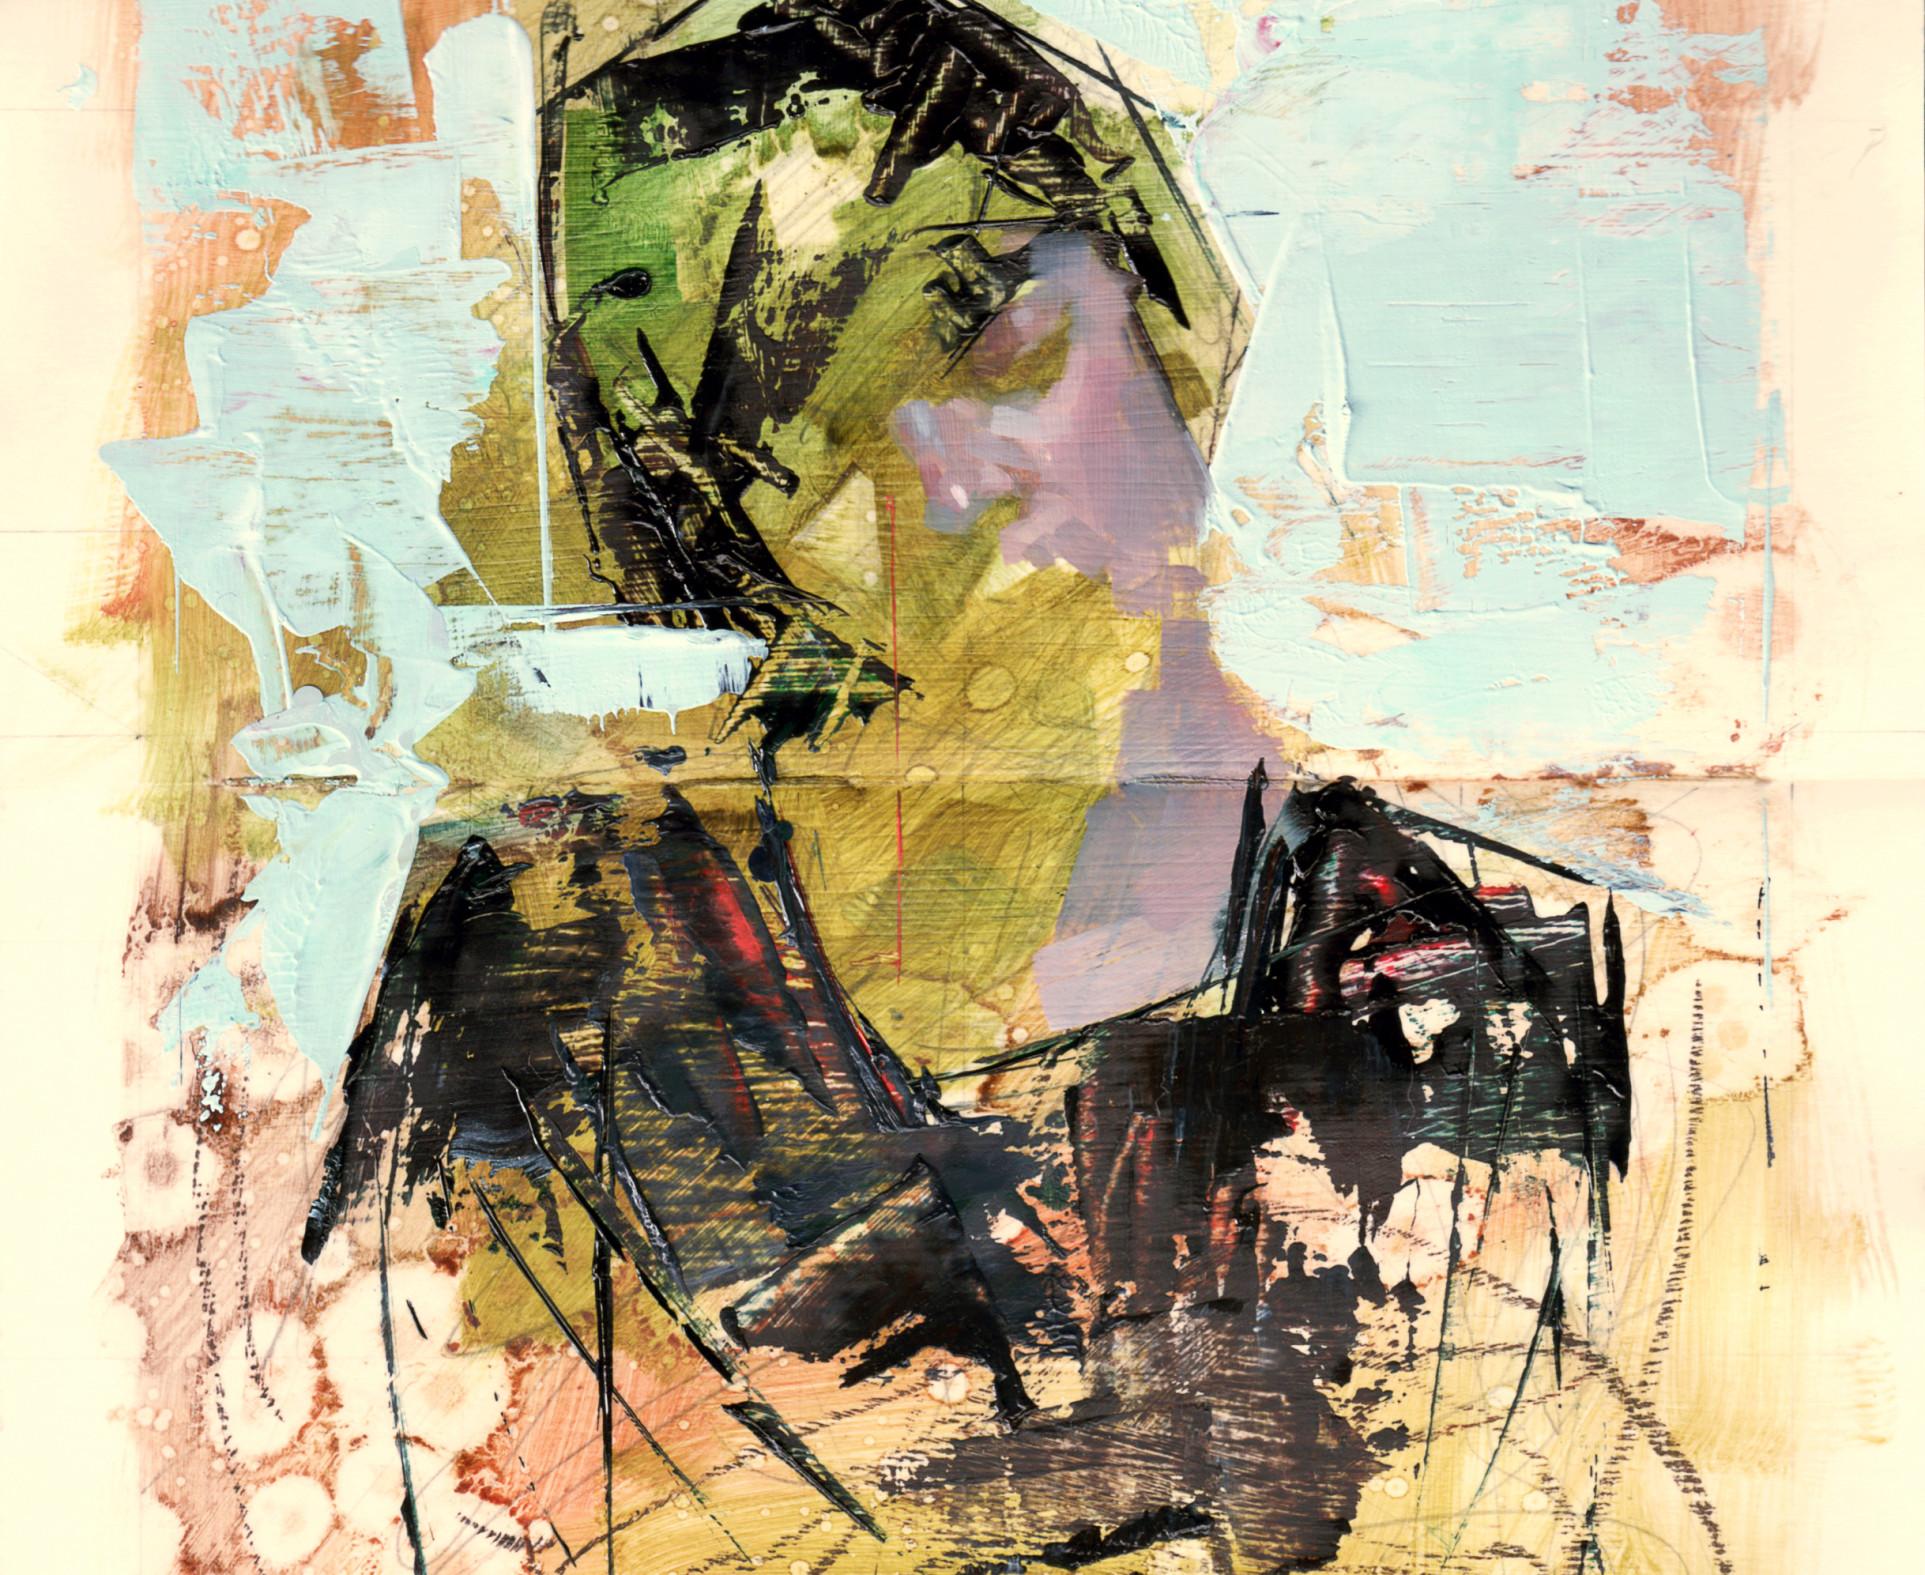 John Wentz, Imprint No. 23, 2015